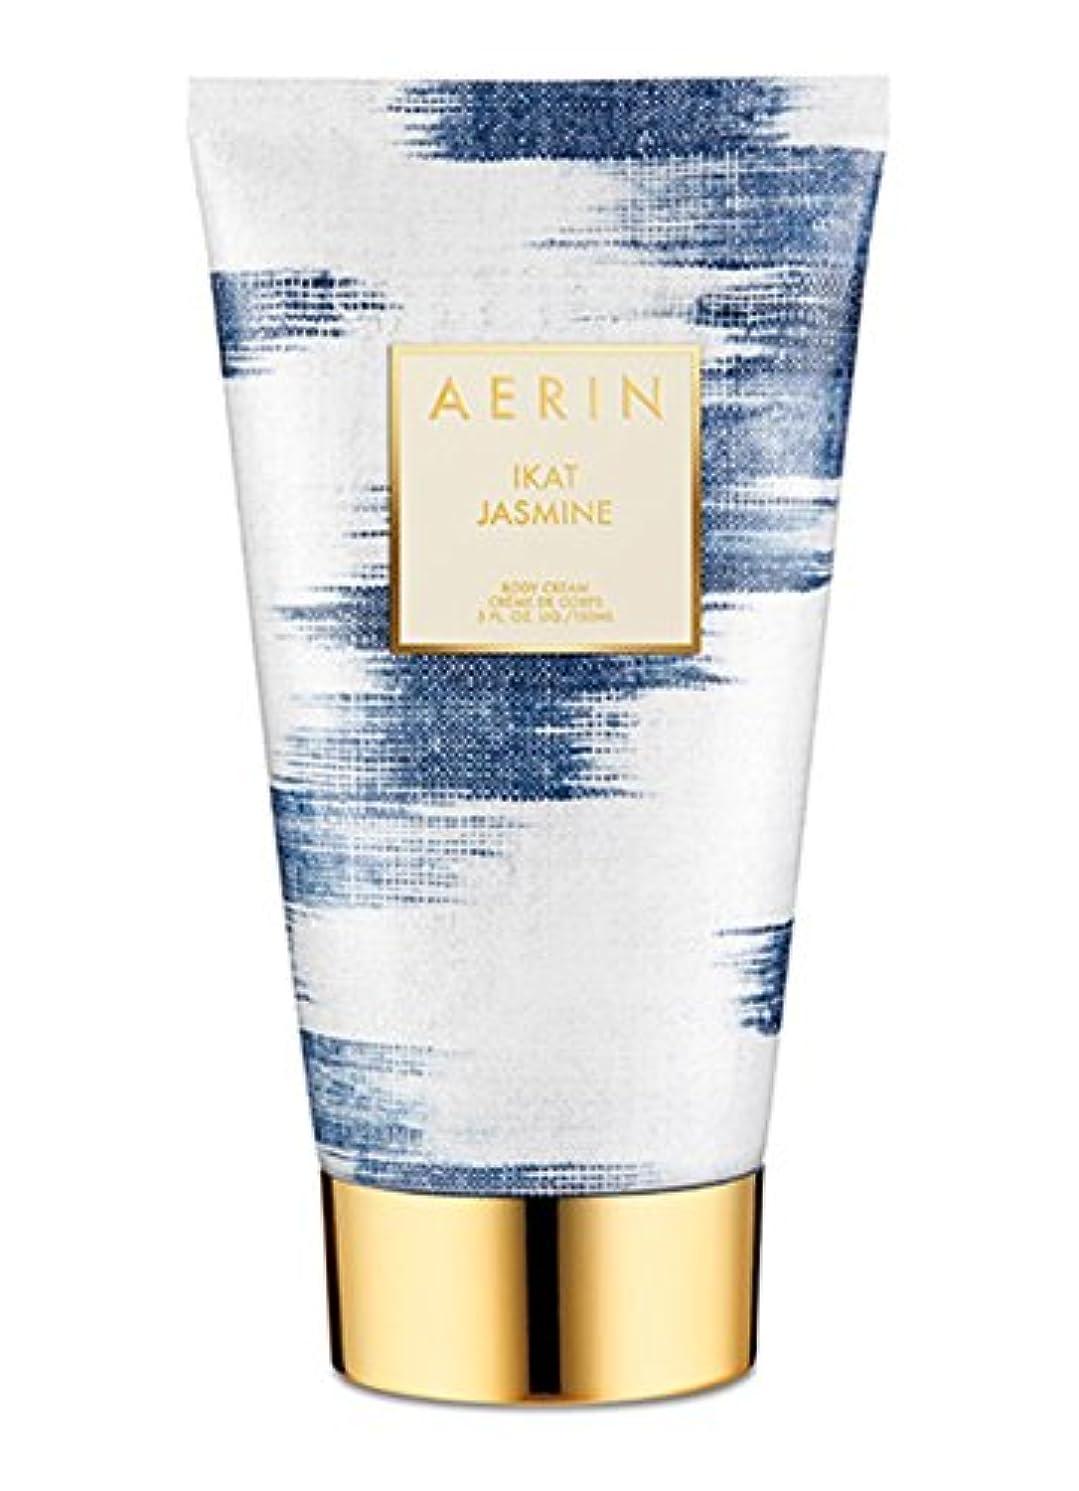 出します打たれたトラックネコAERIN 'Ikat Jasmine' (アエリン イカ ジャスミン) 5.0 oz (150ml) Body Cream by Estee Lauder for Women